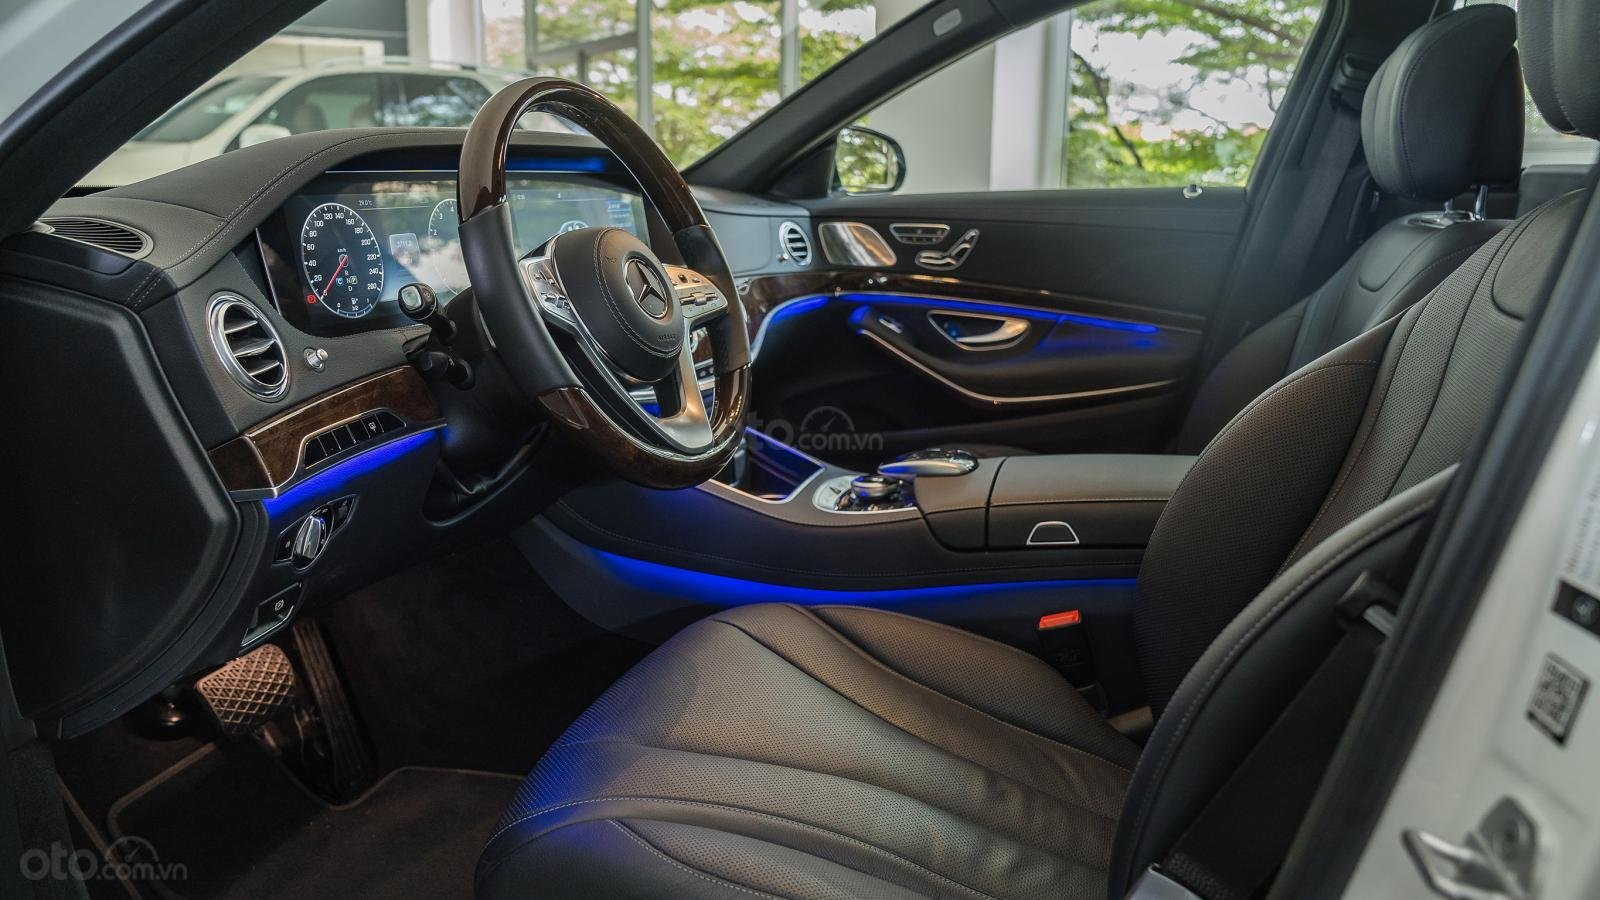 Thanh lý S450L 2018 màu trắng chạy 20km, chỉ đăng ký không chạy xe chính hãng (11)